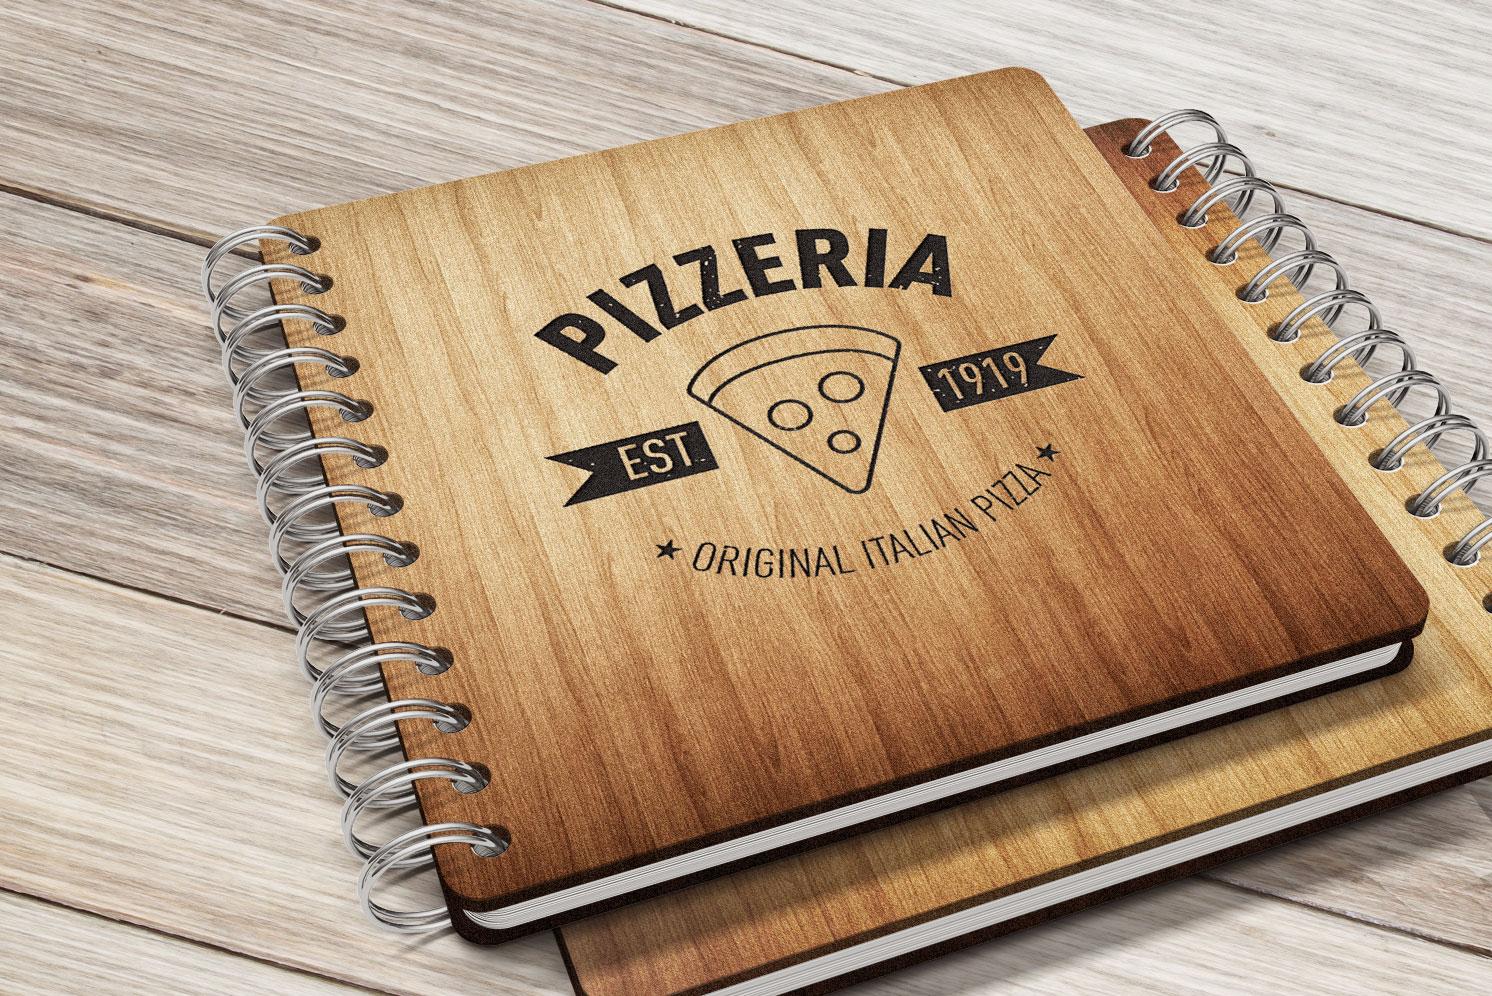 Meniuri Accesorii Restaurant Personalizate